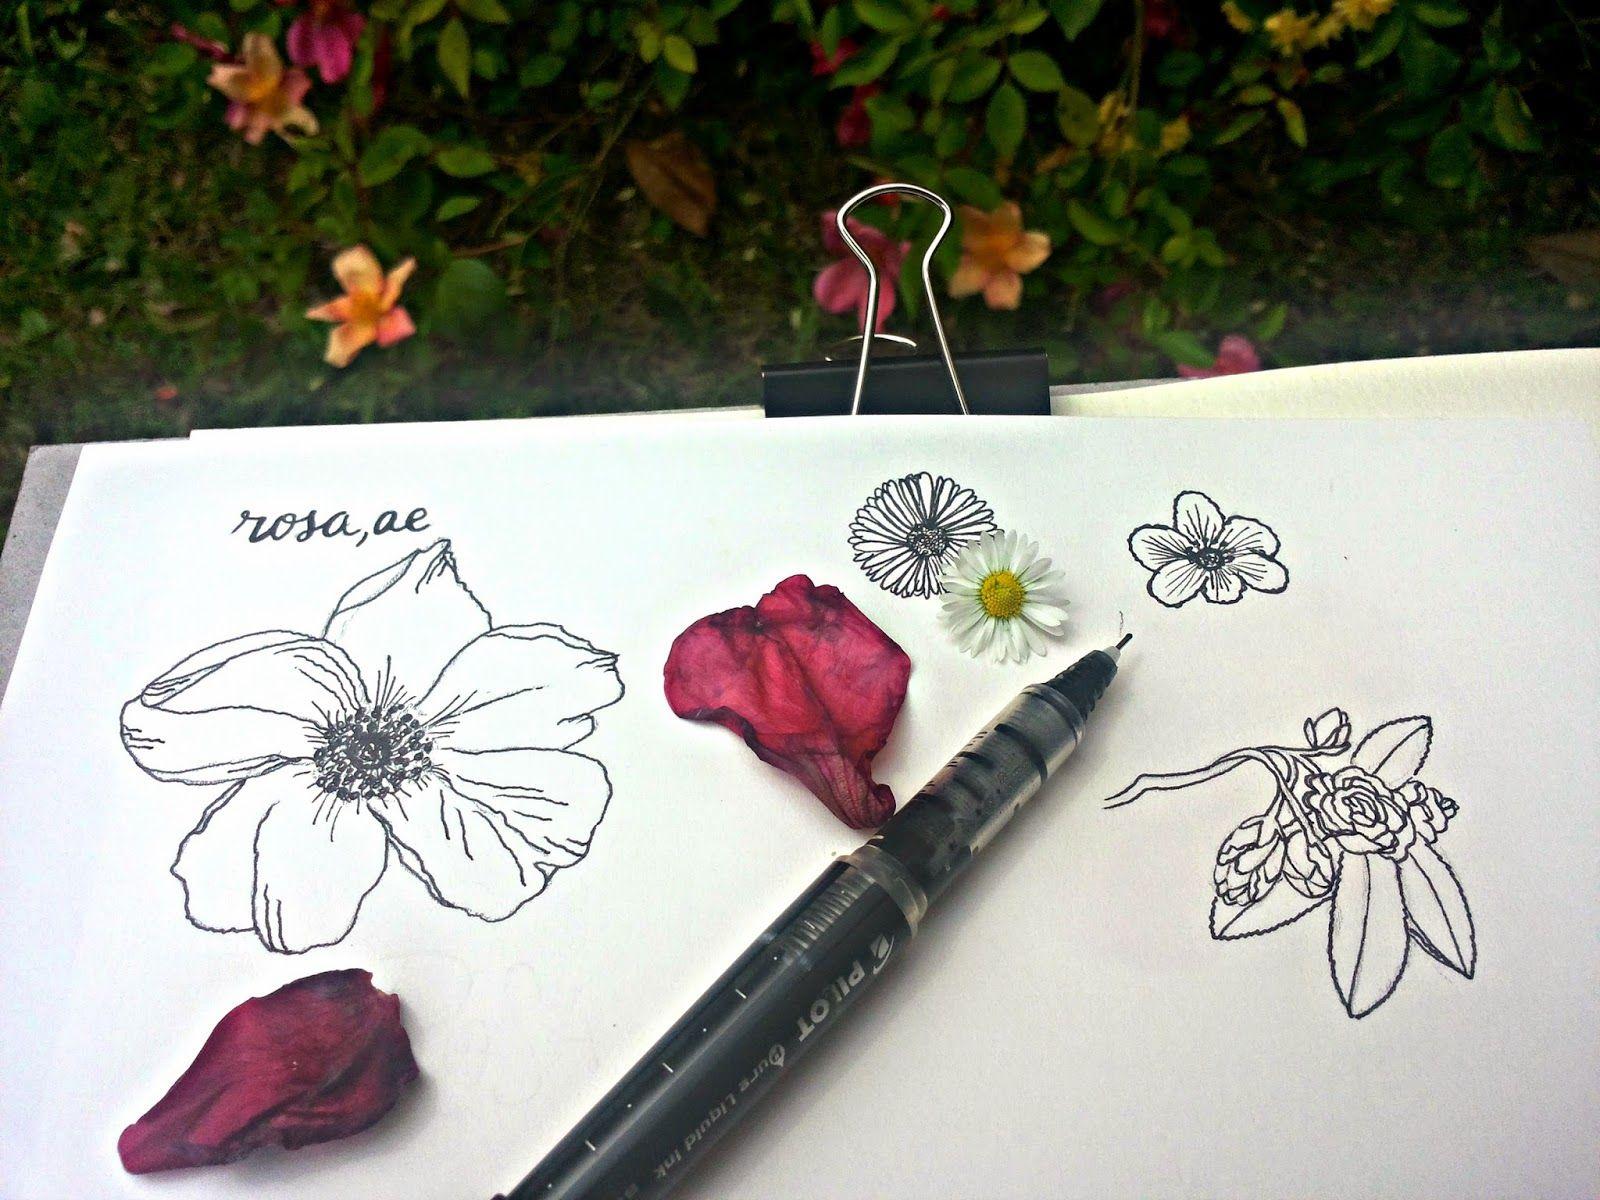 Born to be a wildflower: The Big Draw: la creatività a Firenze